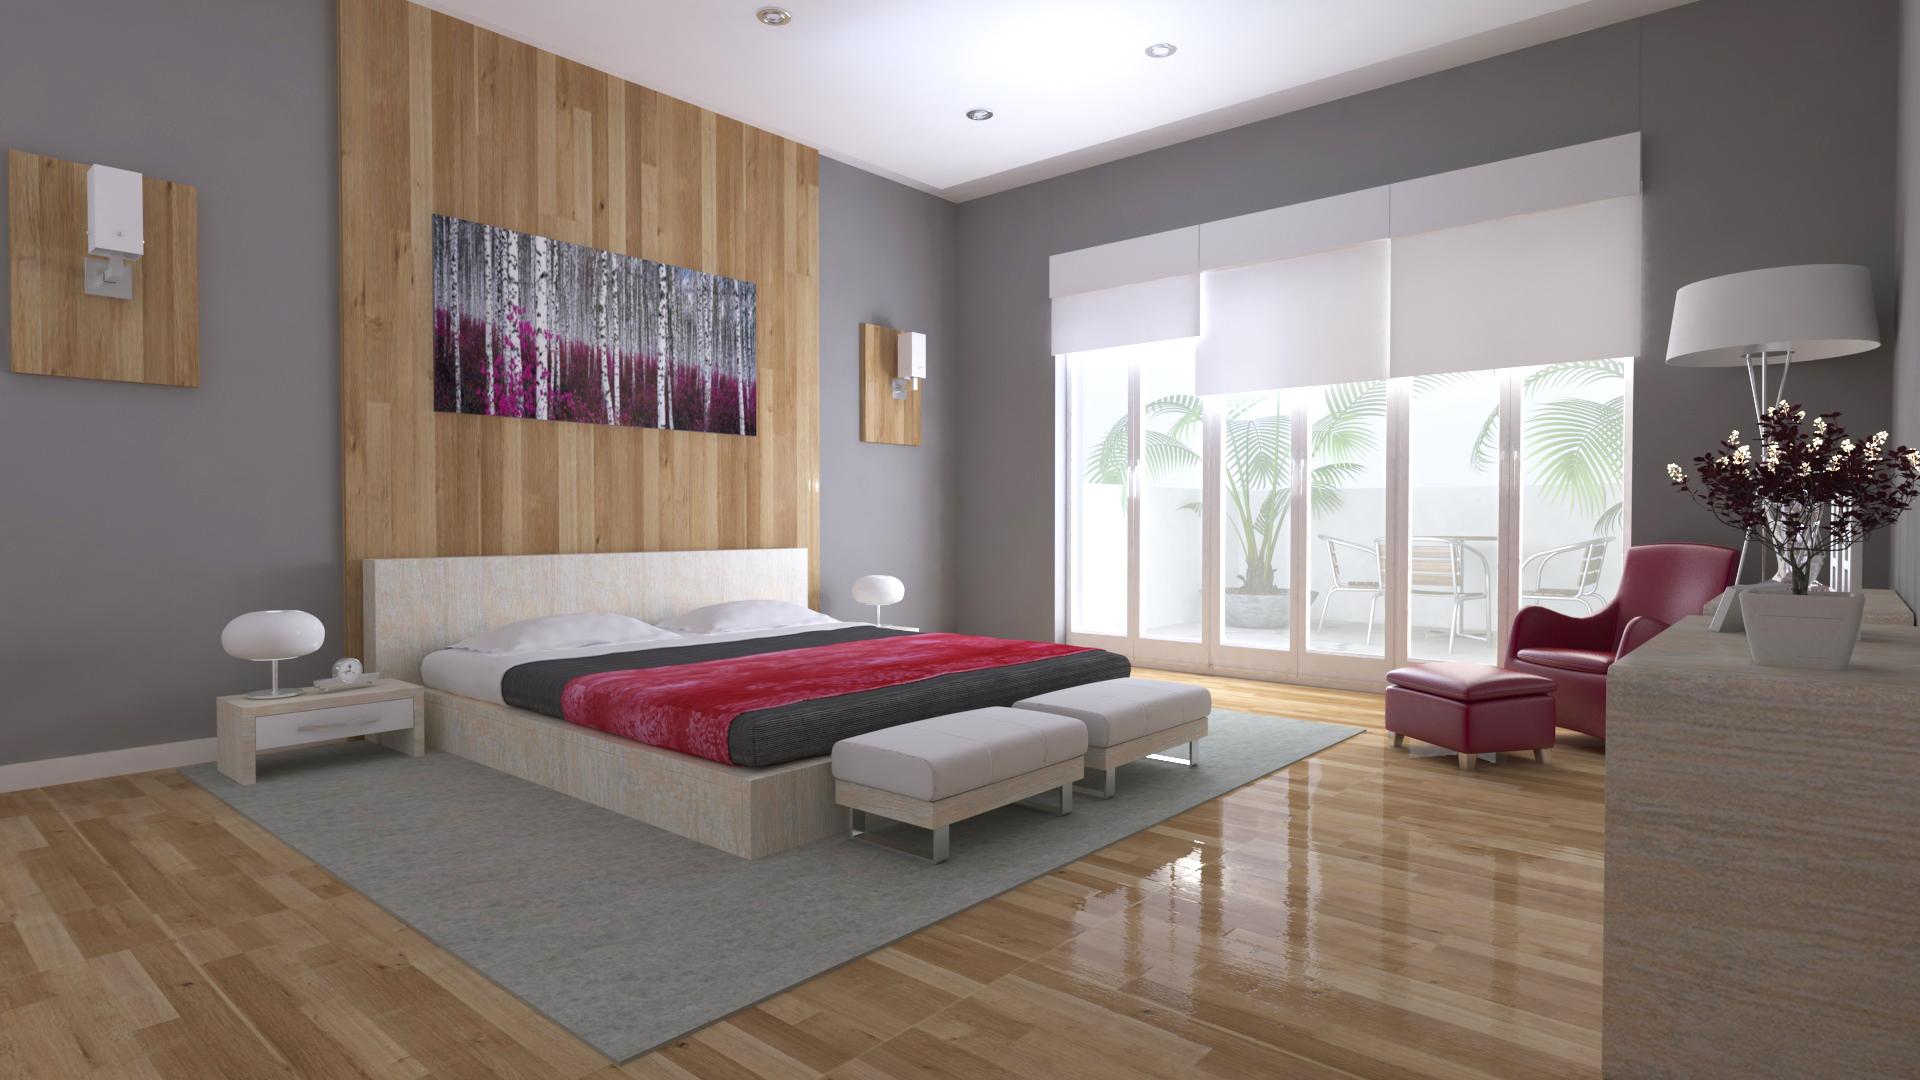 Dormitorio pincipal